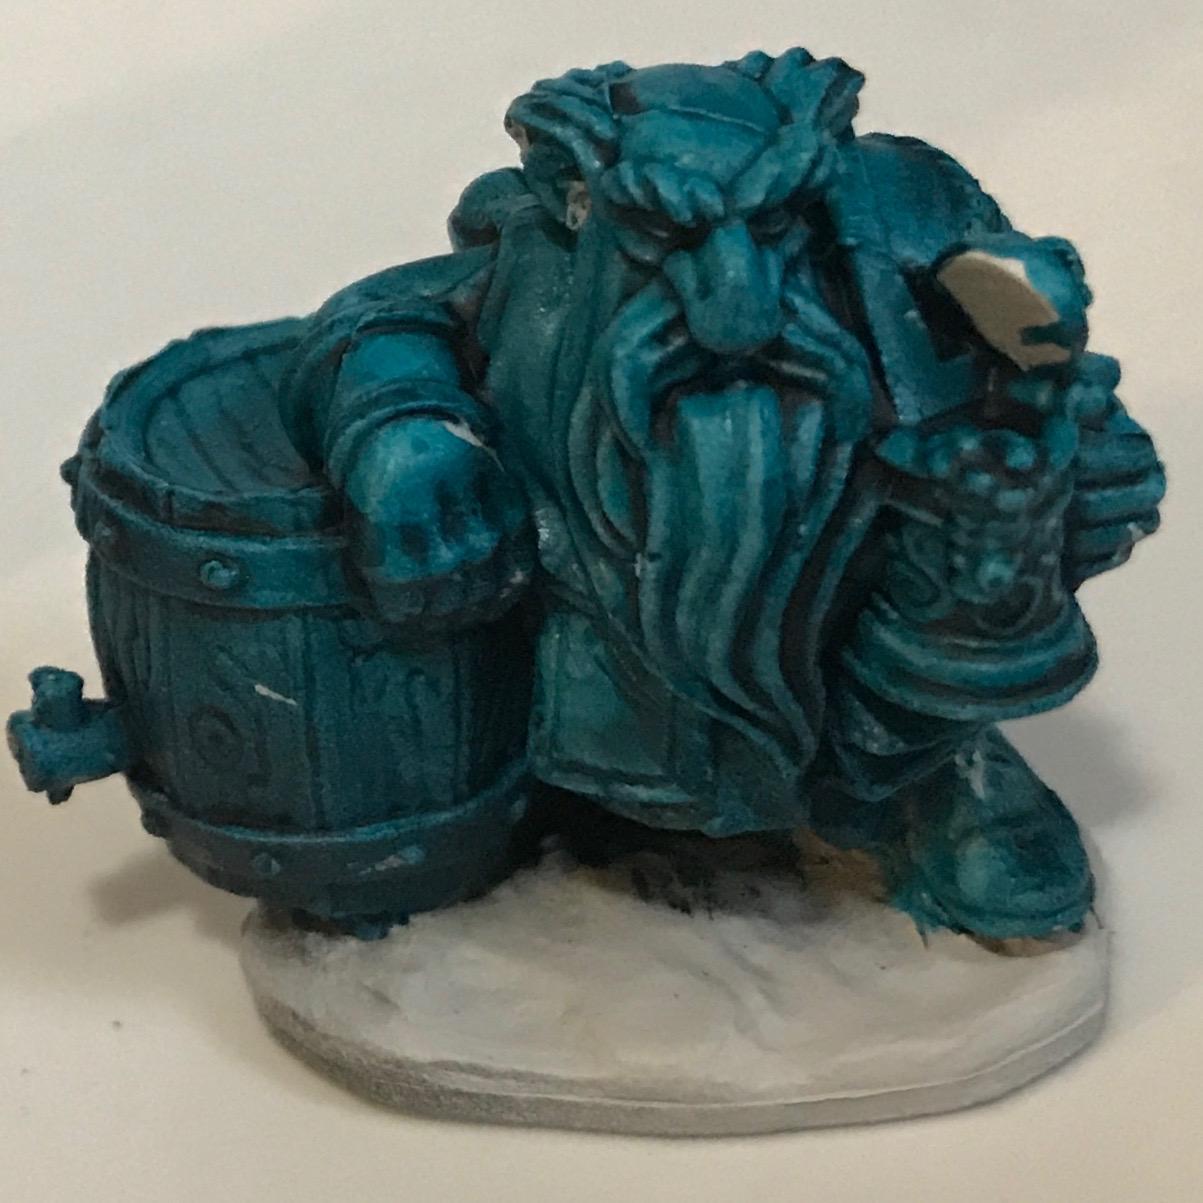 Dwarf - rhelian Green